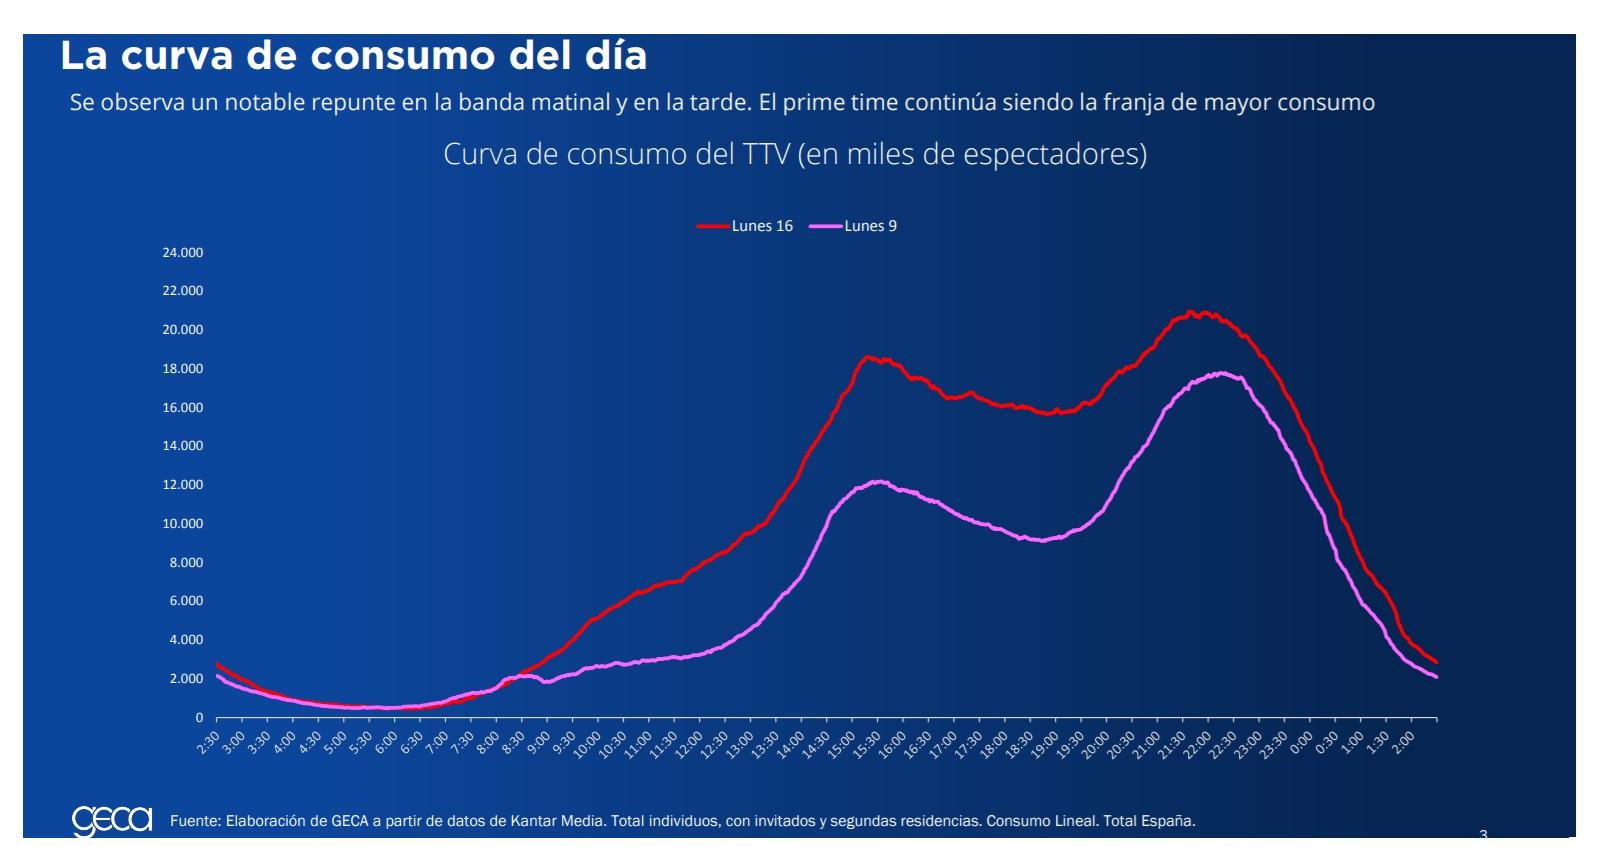 https://www.programapublicidad.com/wp-content/uploads/2020/03/curva-consumo-TTV-lideró-lunes-47-más-audiencia-GECA-diario-programapublicidad.jpg